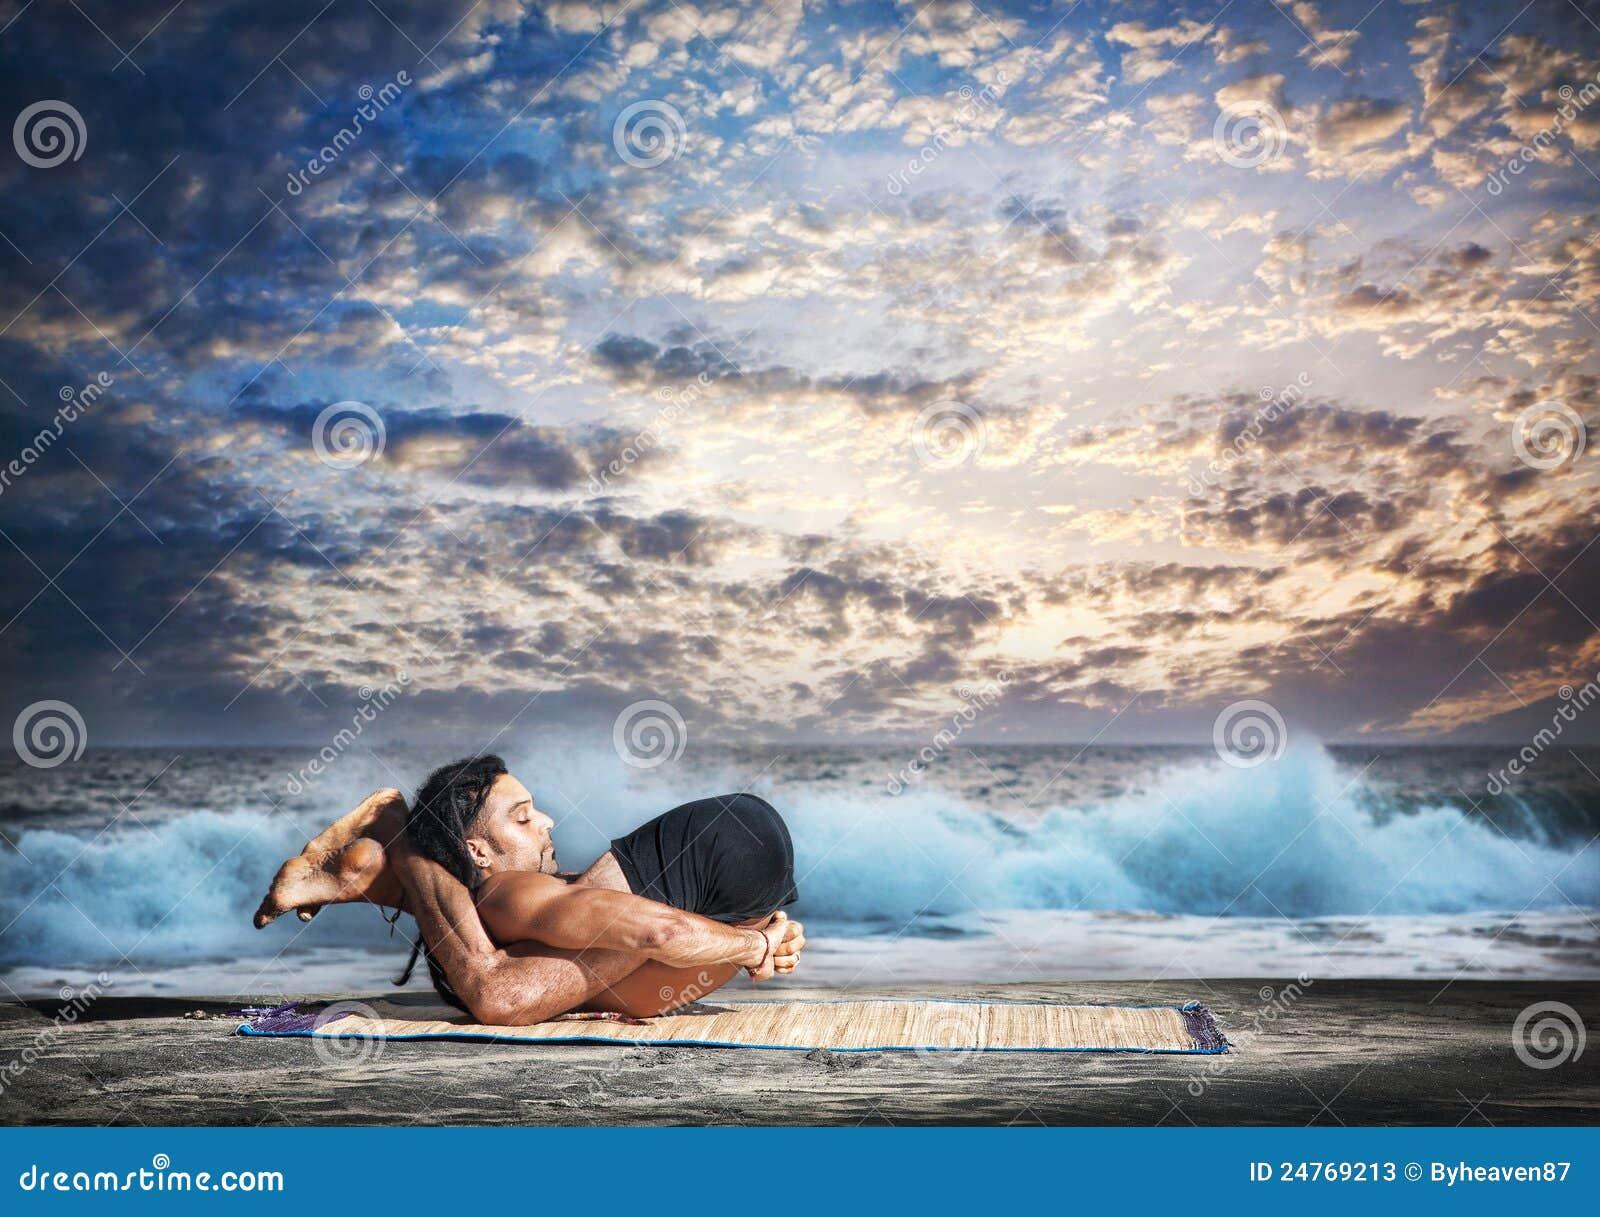 Yoga Nidrasana Yogic Sleep Pose Stock Photos - Image: 24769213